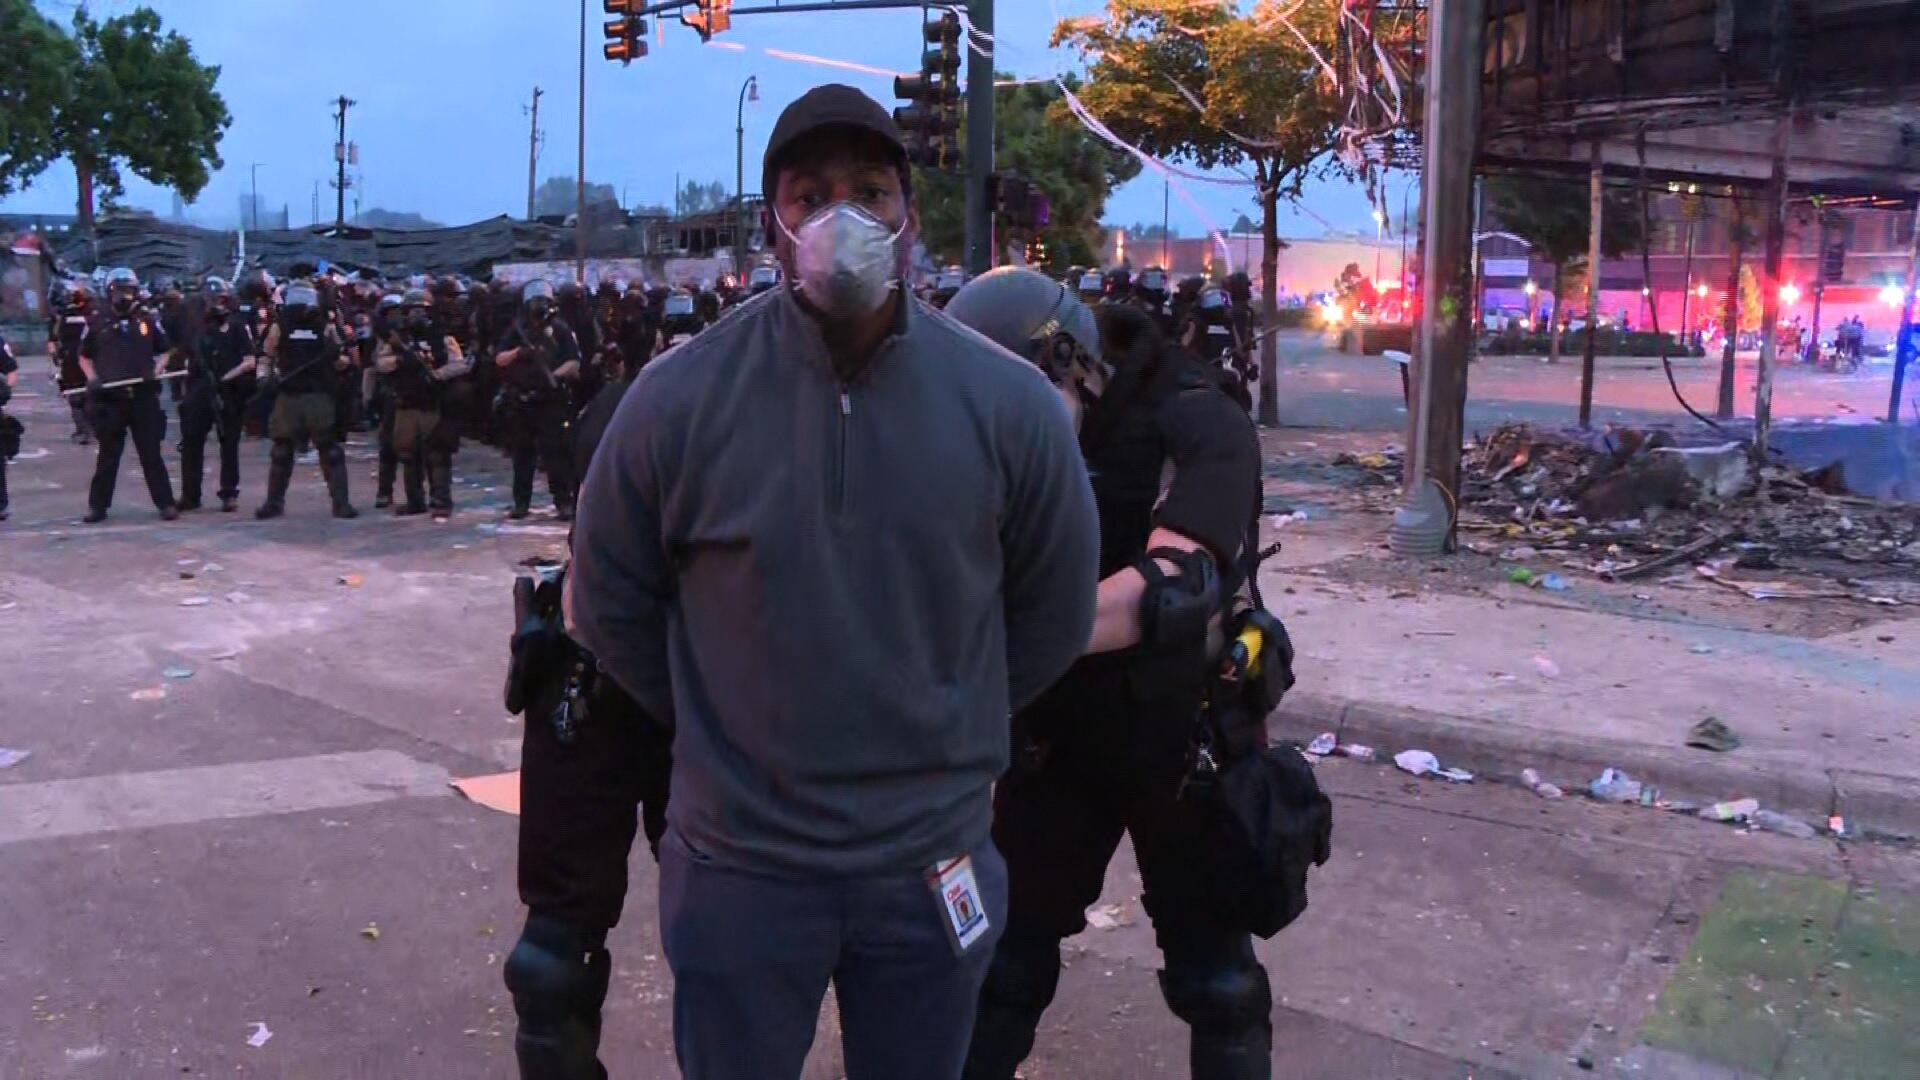 凌晨五点,CNN正直播美国骚乱,警察冲进镜头把记者抓了!